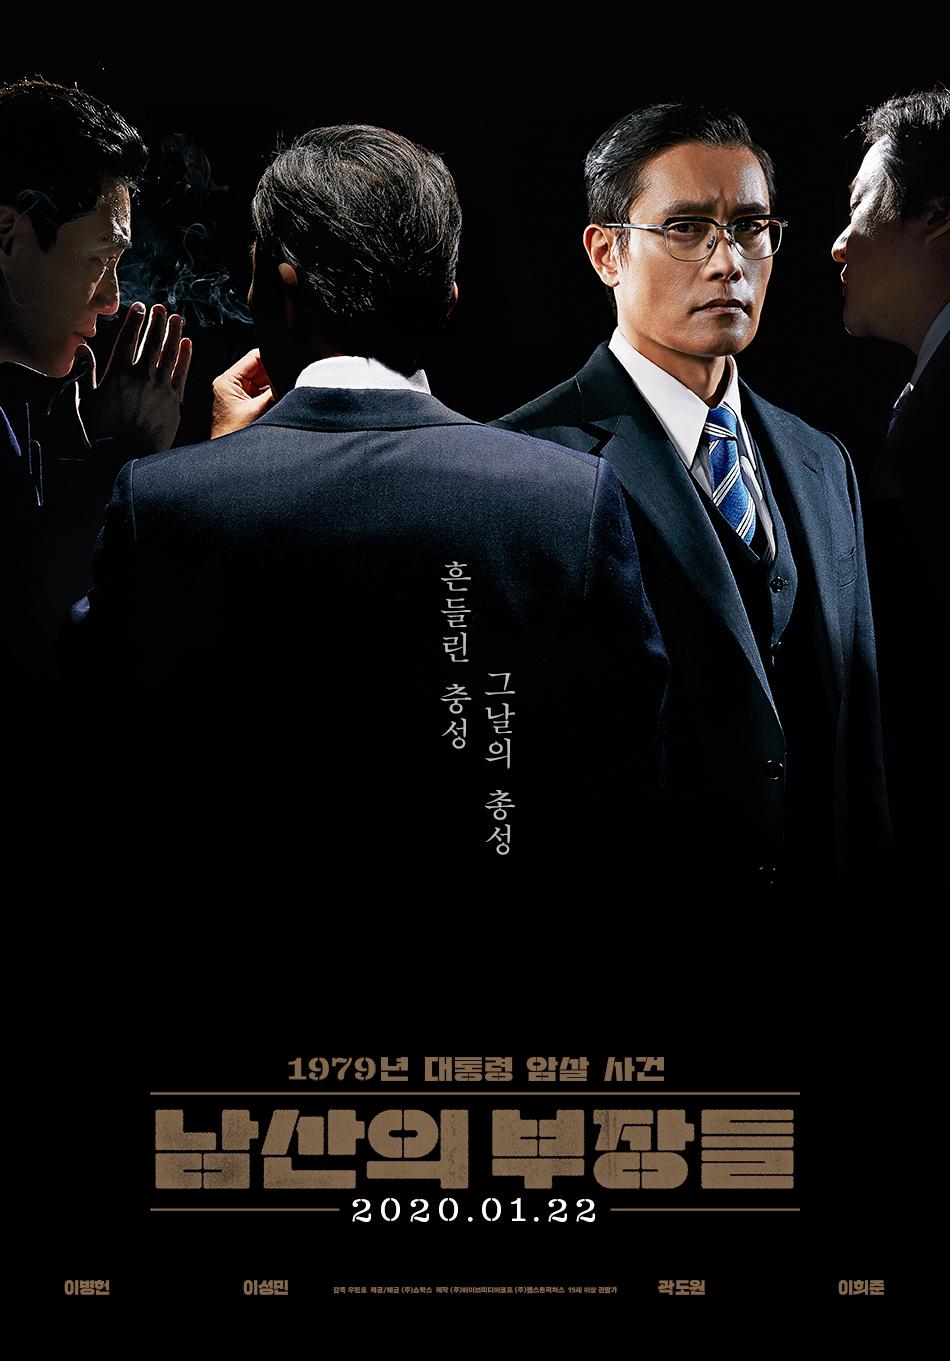 영화 '남산의 부장들' 포스터. 사진 (주)쇼박스